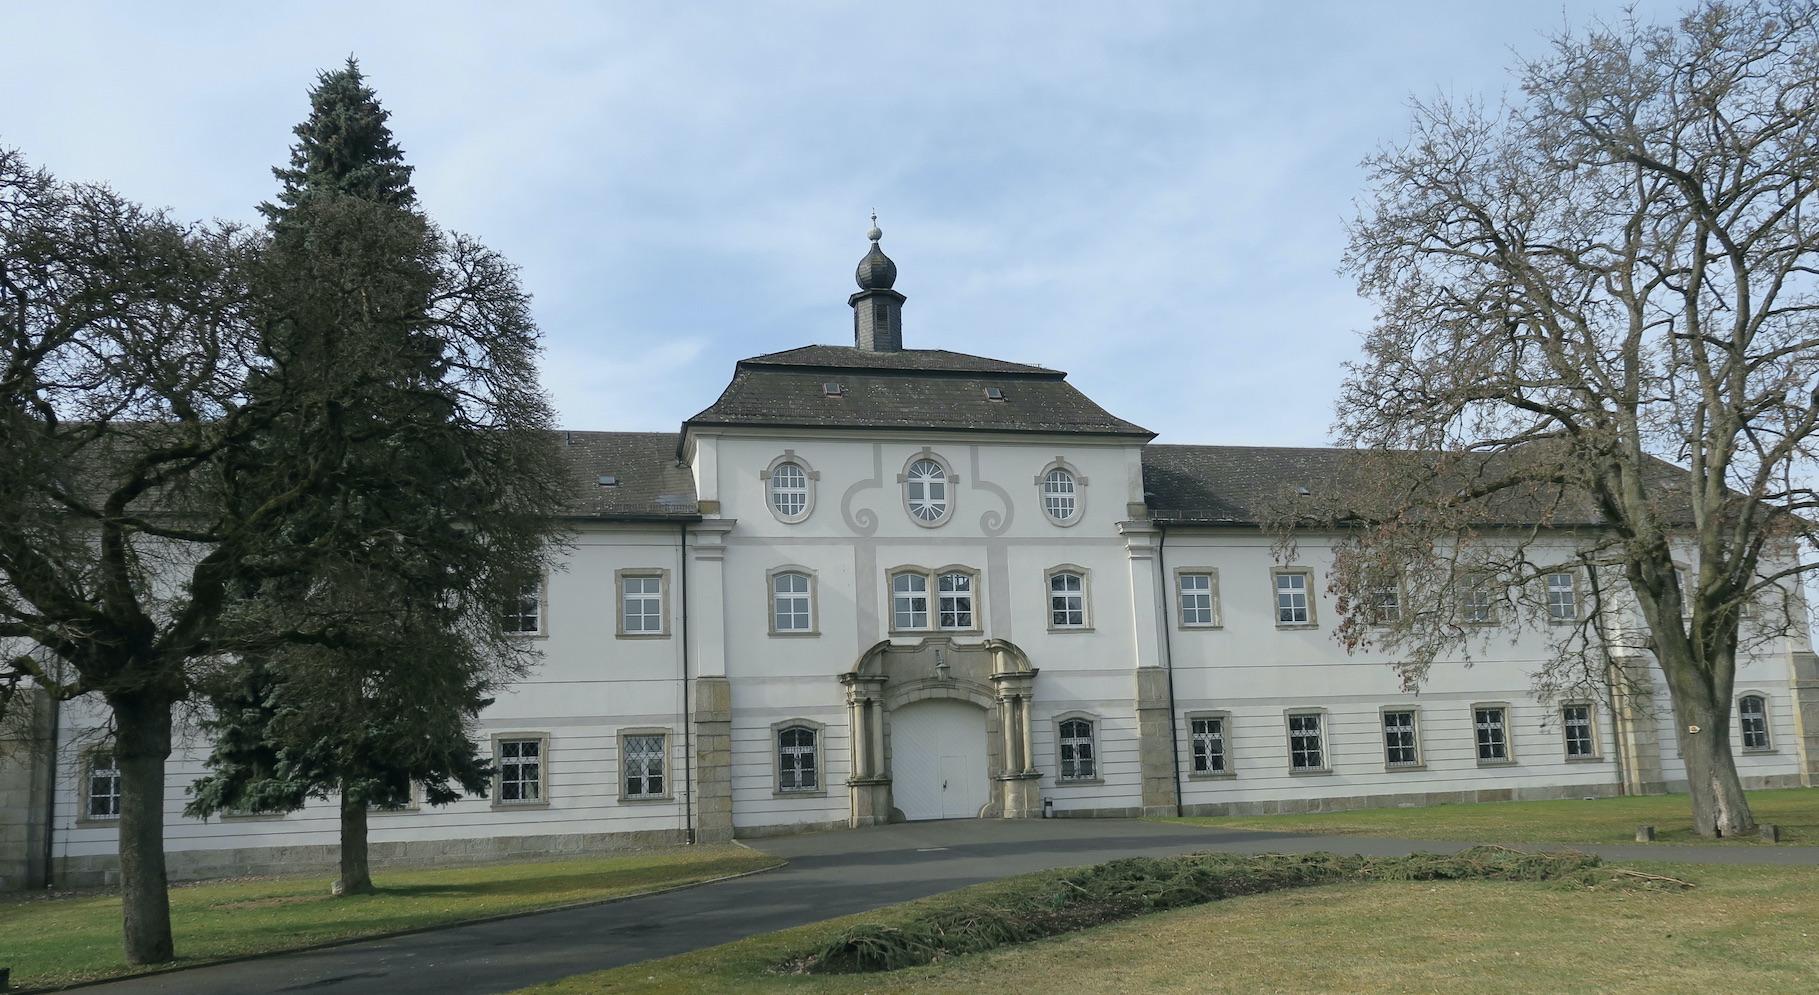 Besitzerwechsel im Kloster Fockenfeld